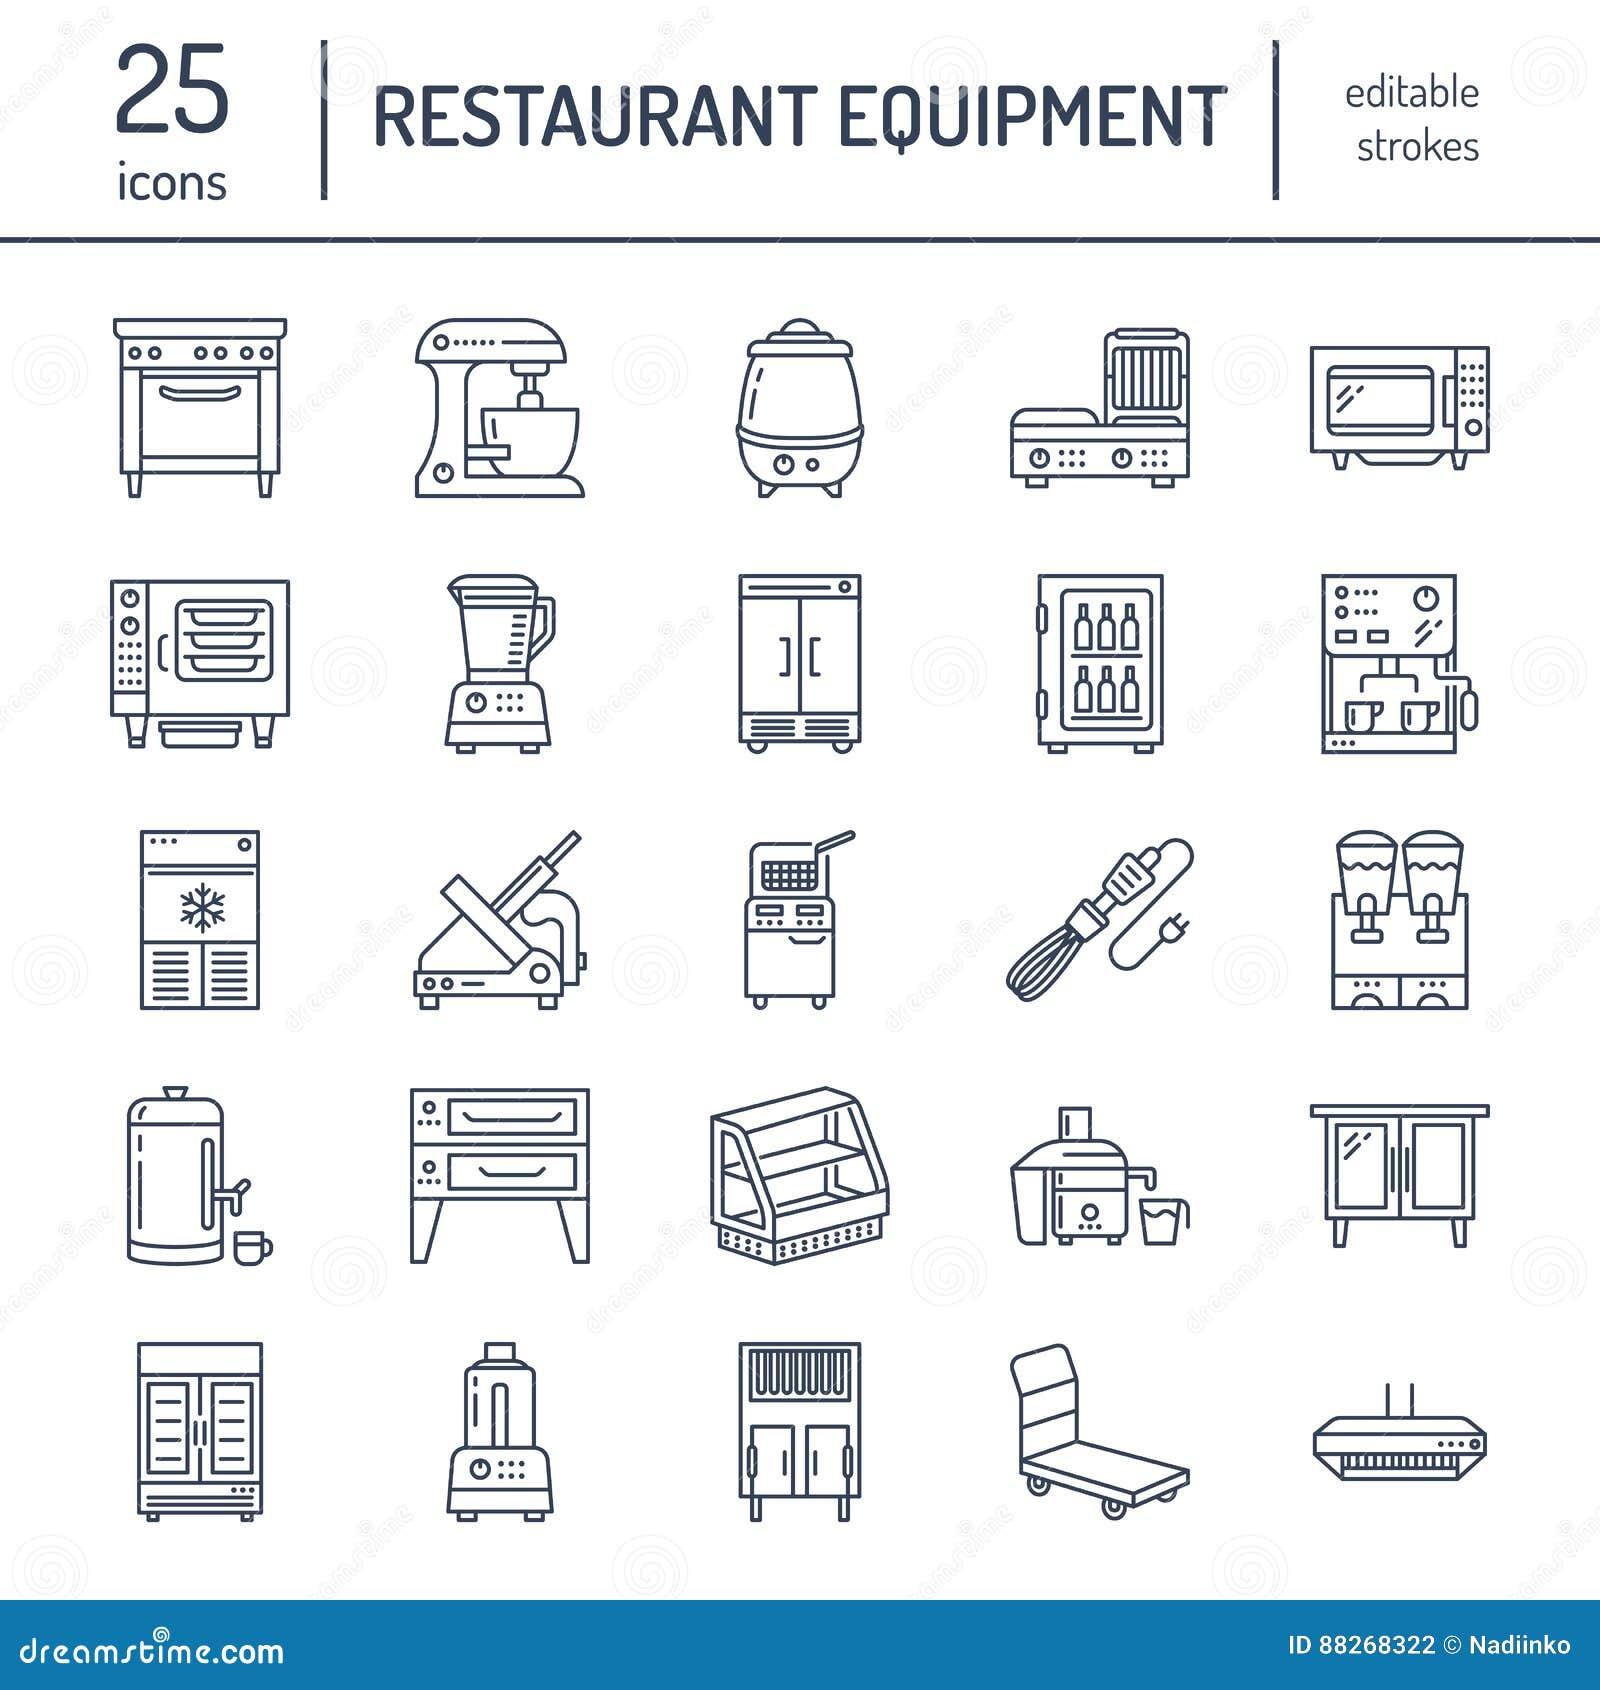 餐馆专业设备线象 厨房工具,搅拌器,搅拌器,炸锅,食品加工器,冰箱